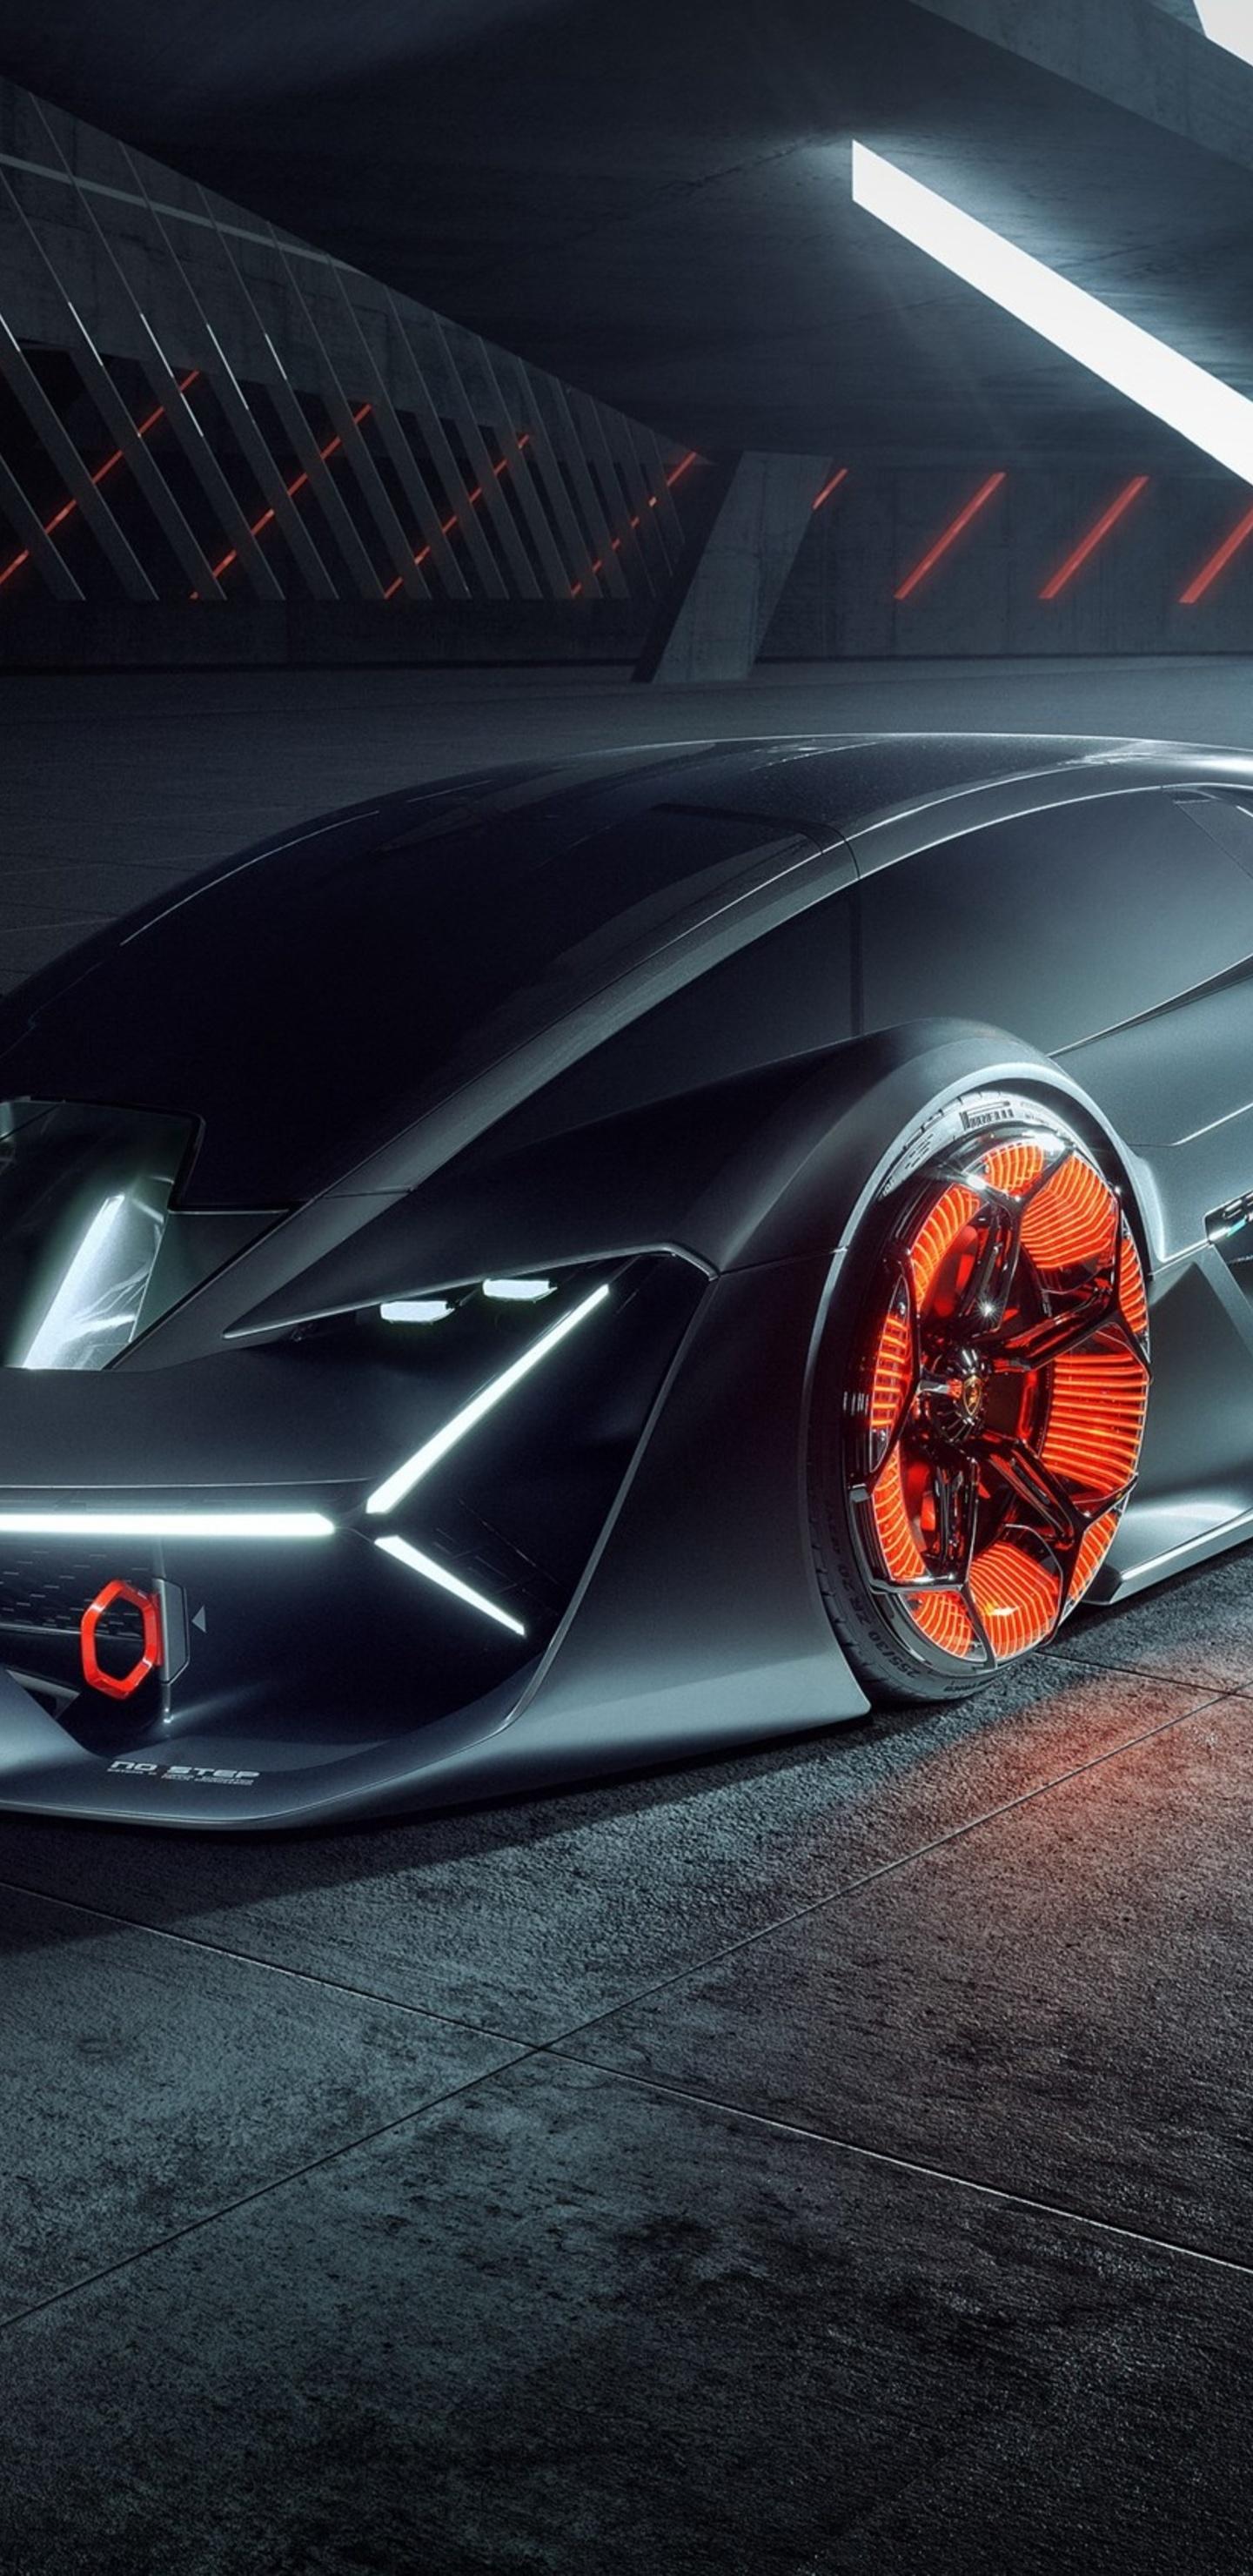 1440x2960 Lamborghini Terzo Millennio 2019 Car Samsung Galaxy Note 9